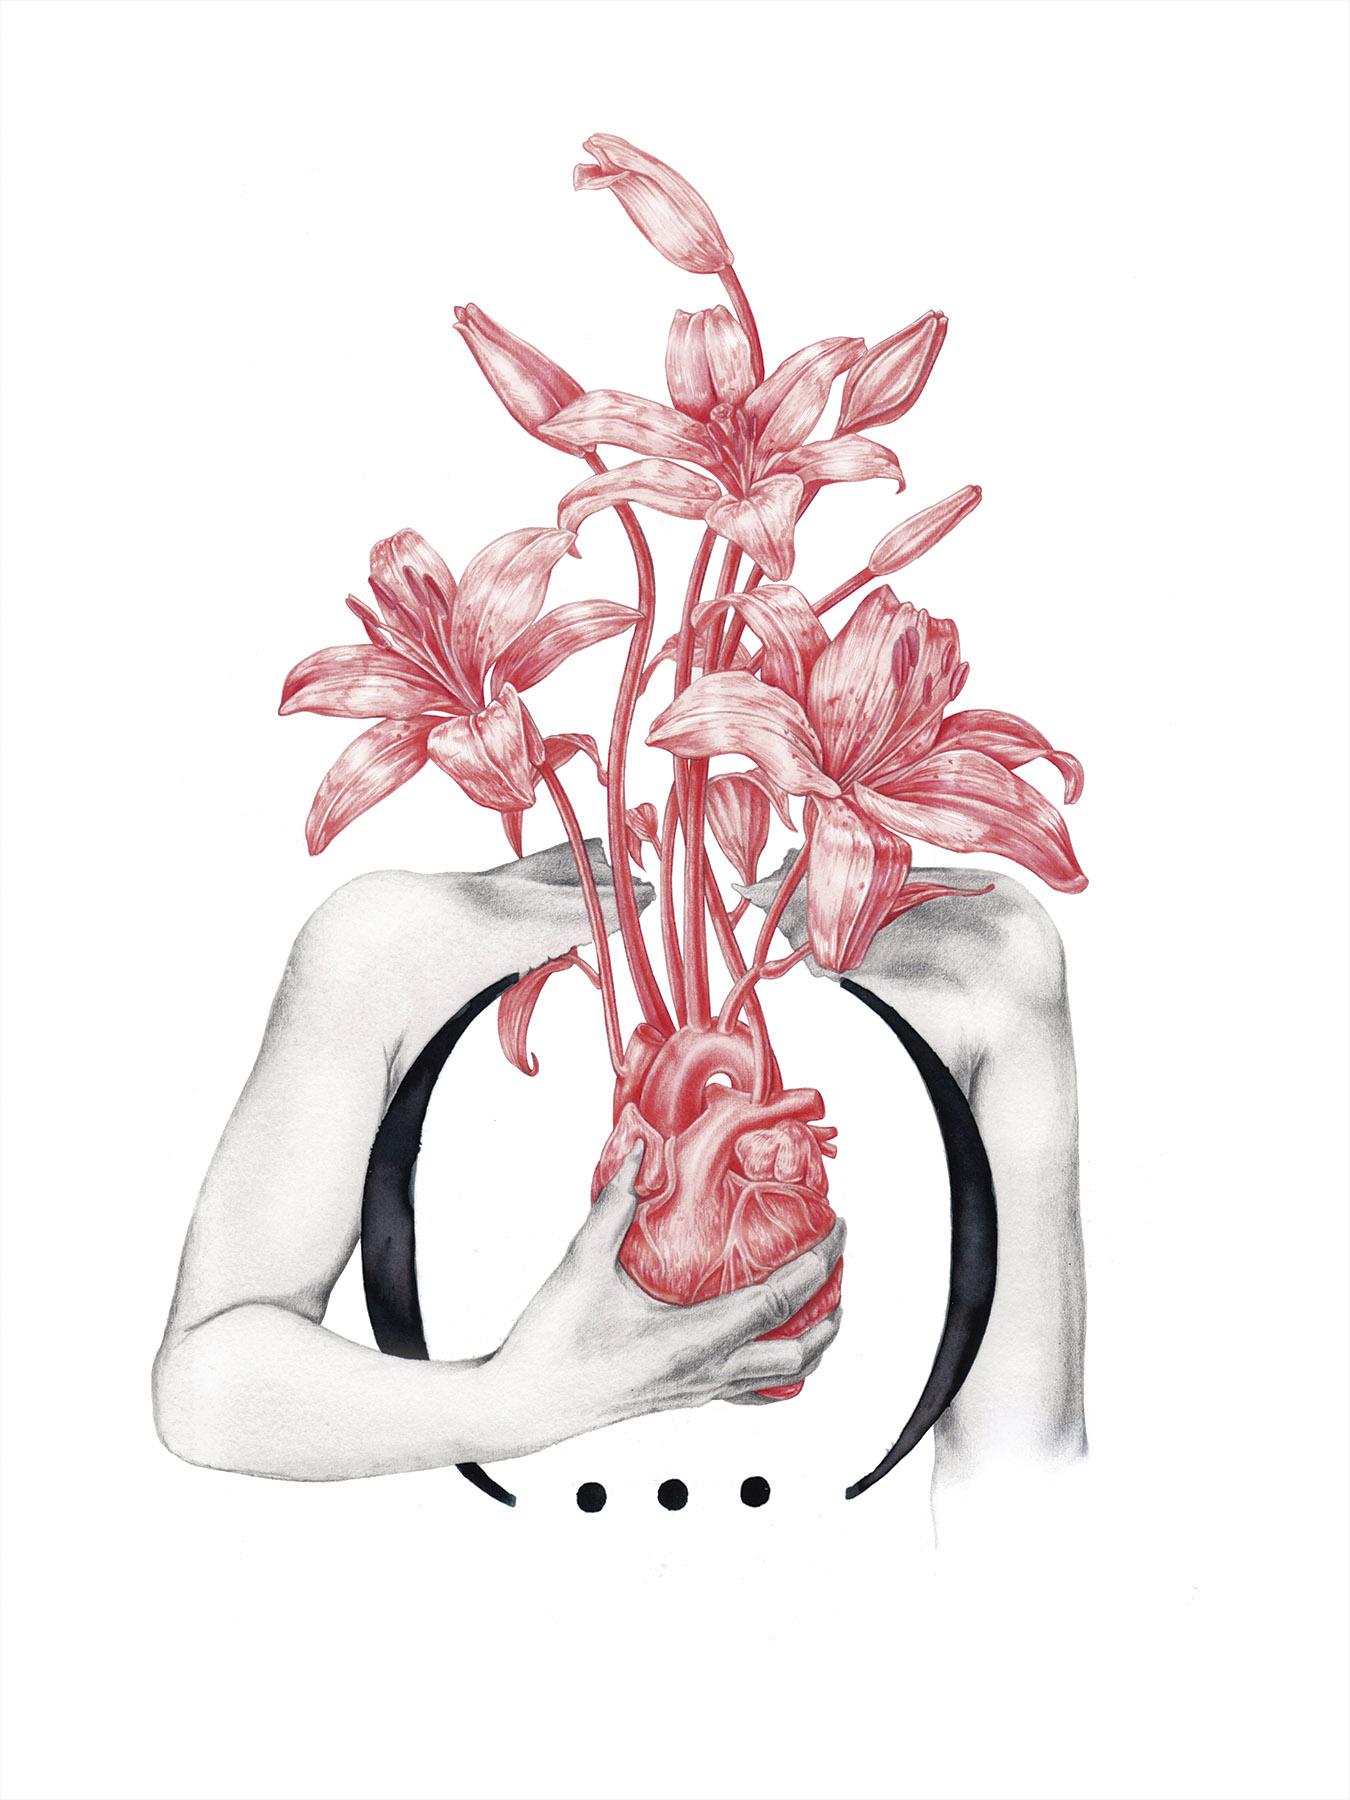 Ilustracion poetica y conceptual hecha por giselle vitali